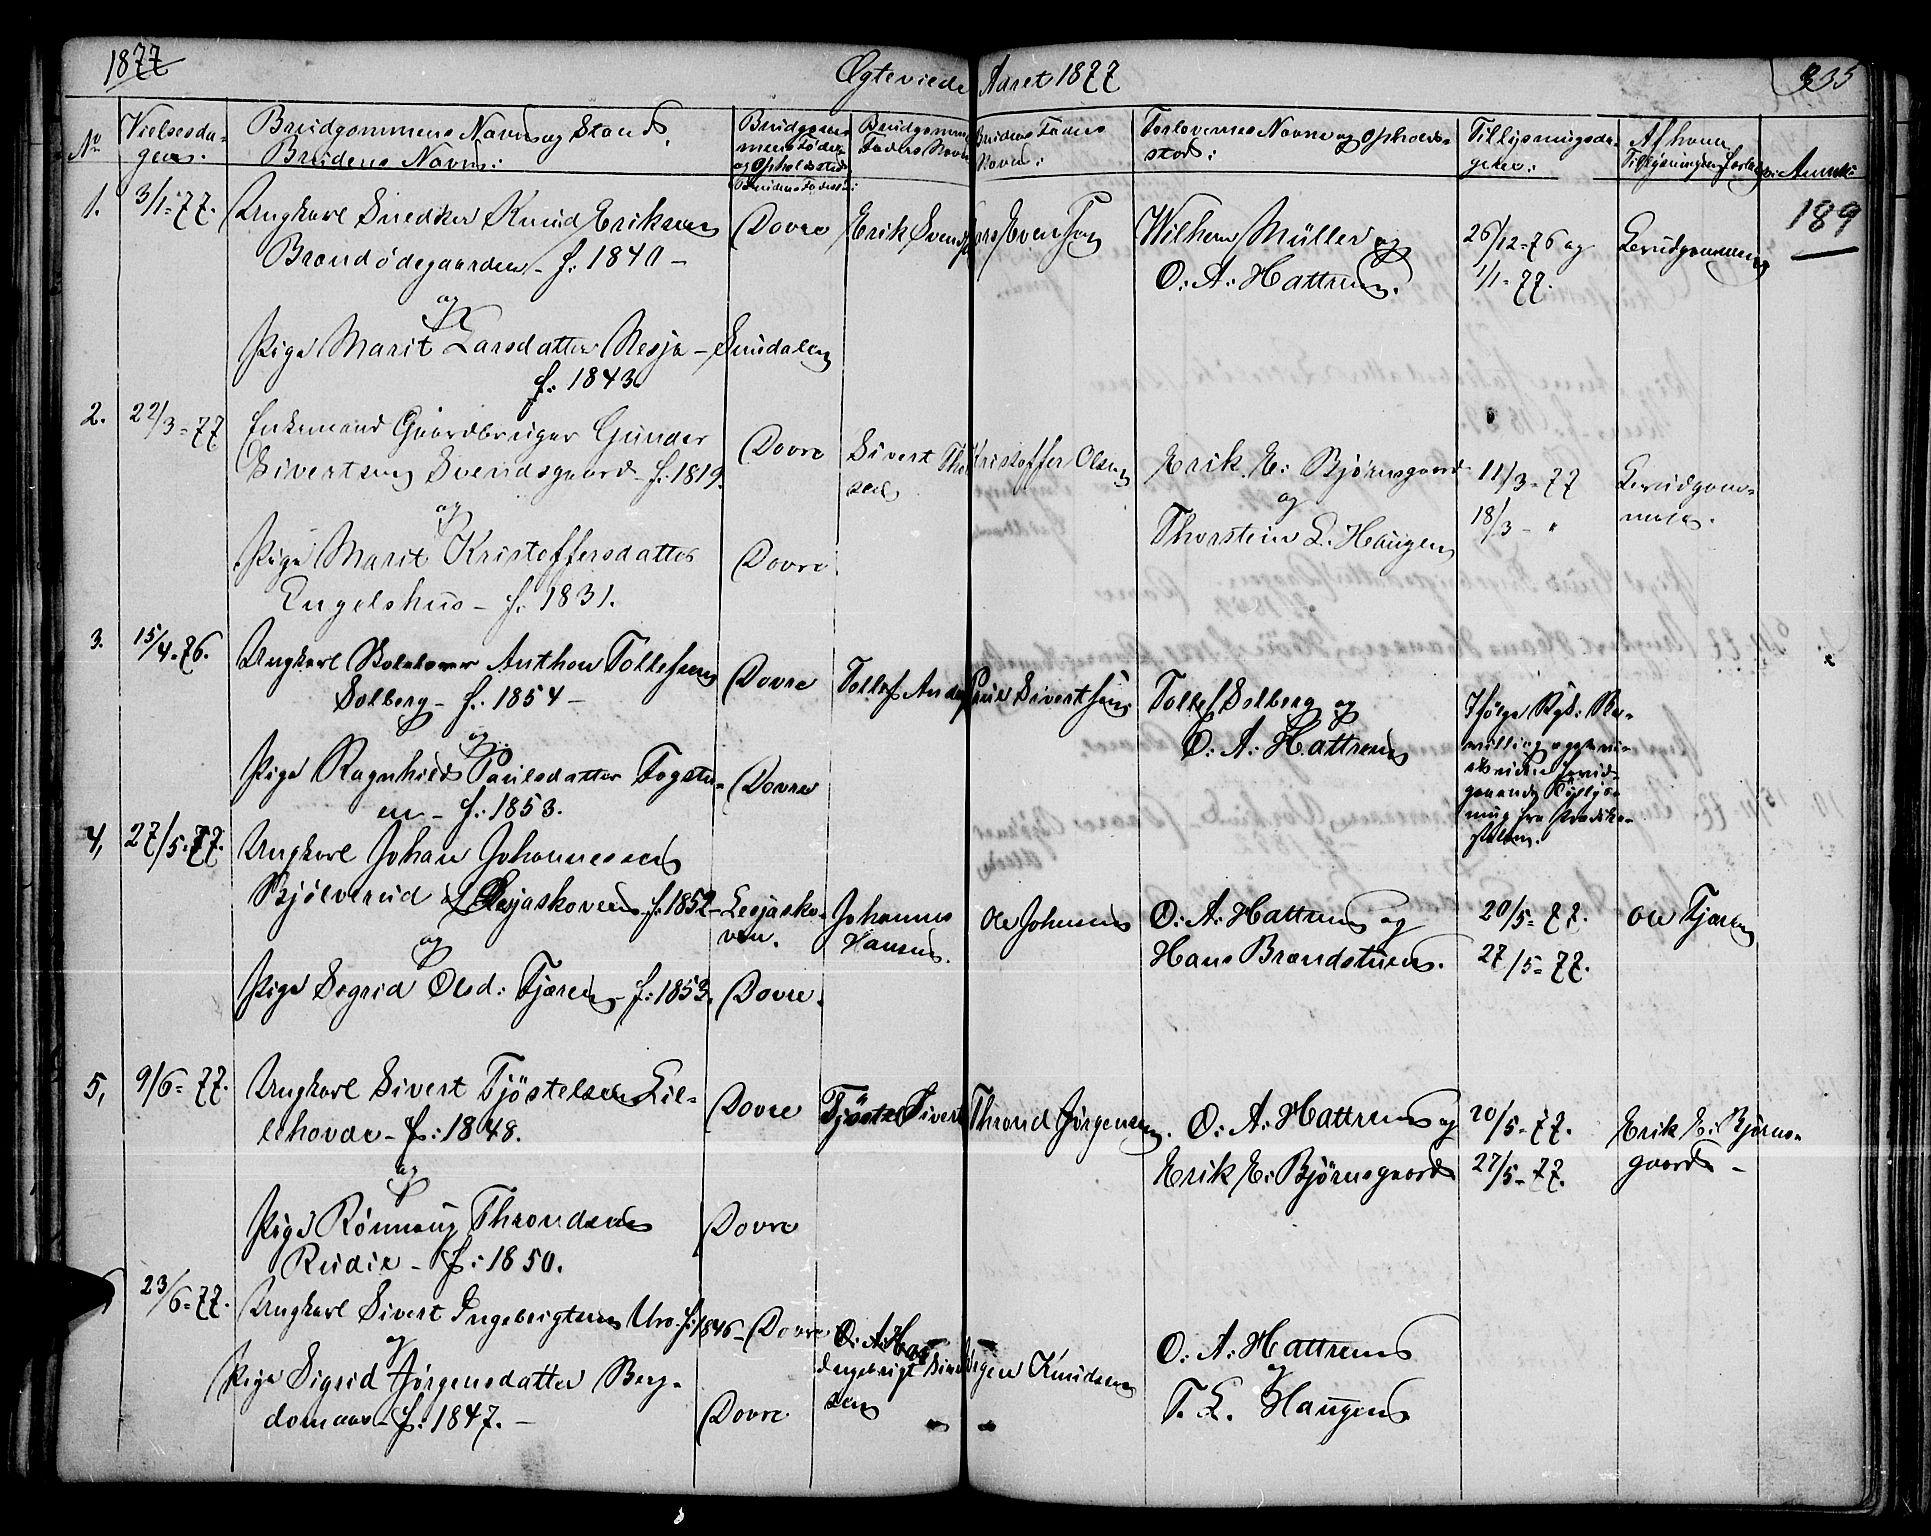 SAH, Dovre prestekontor, Klokkerbok nr. 1, 1862-1880, s. 335